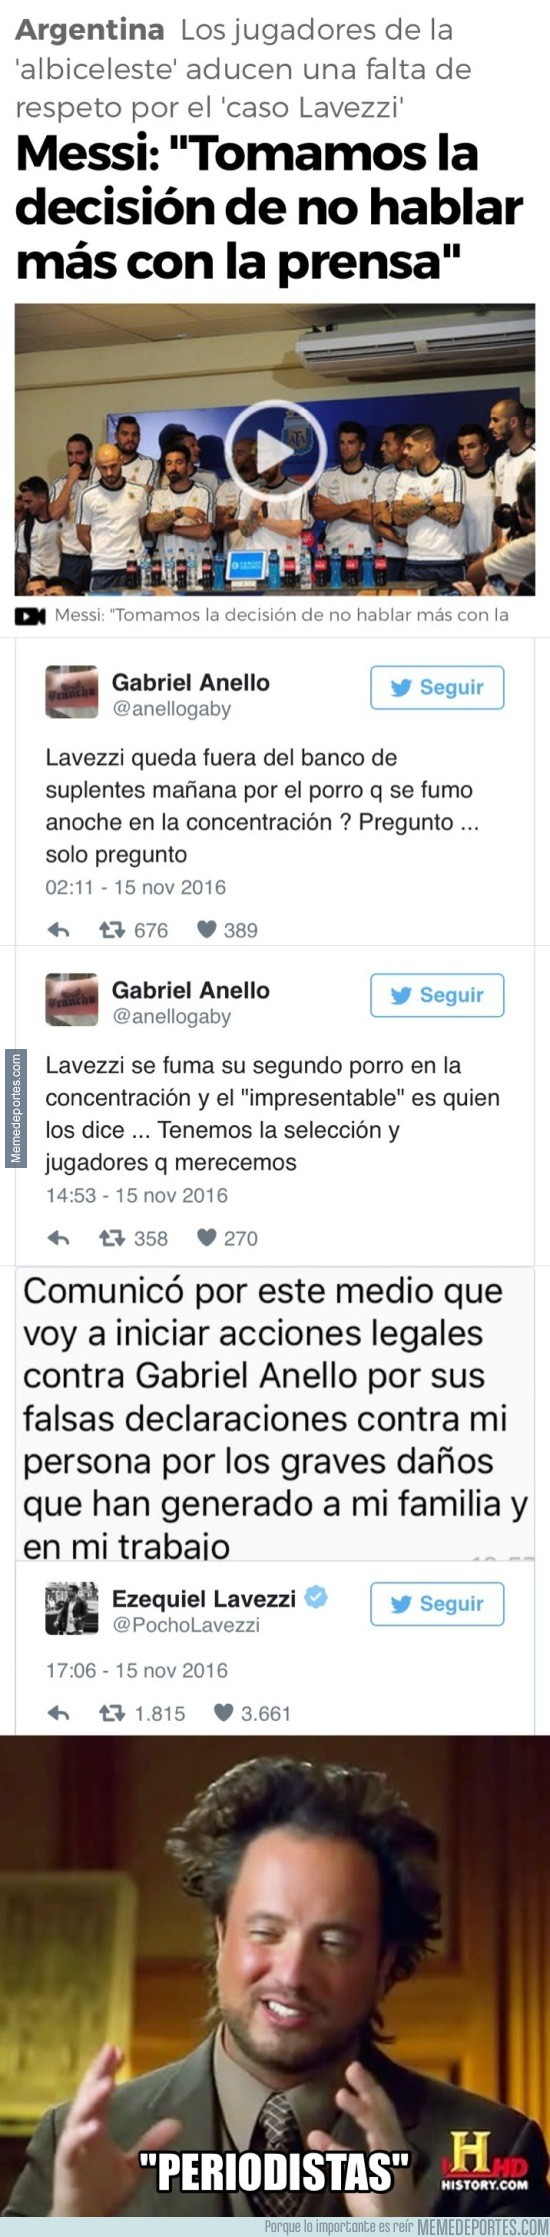 925000 - Así es el periodismo de calidad de Argentina y el porqué Lavezzi va a denunciar